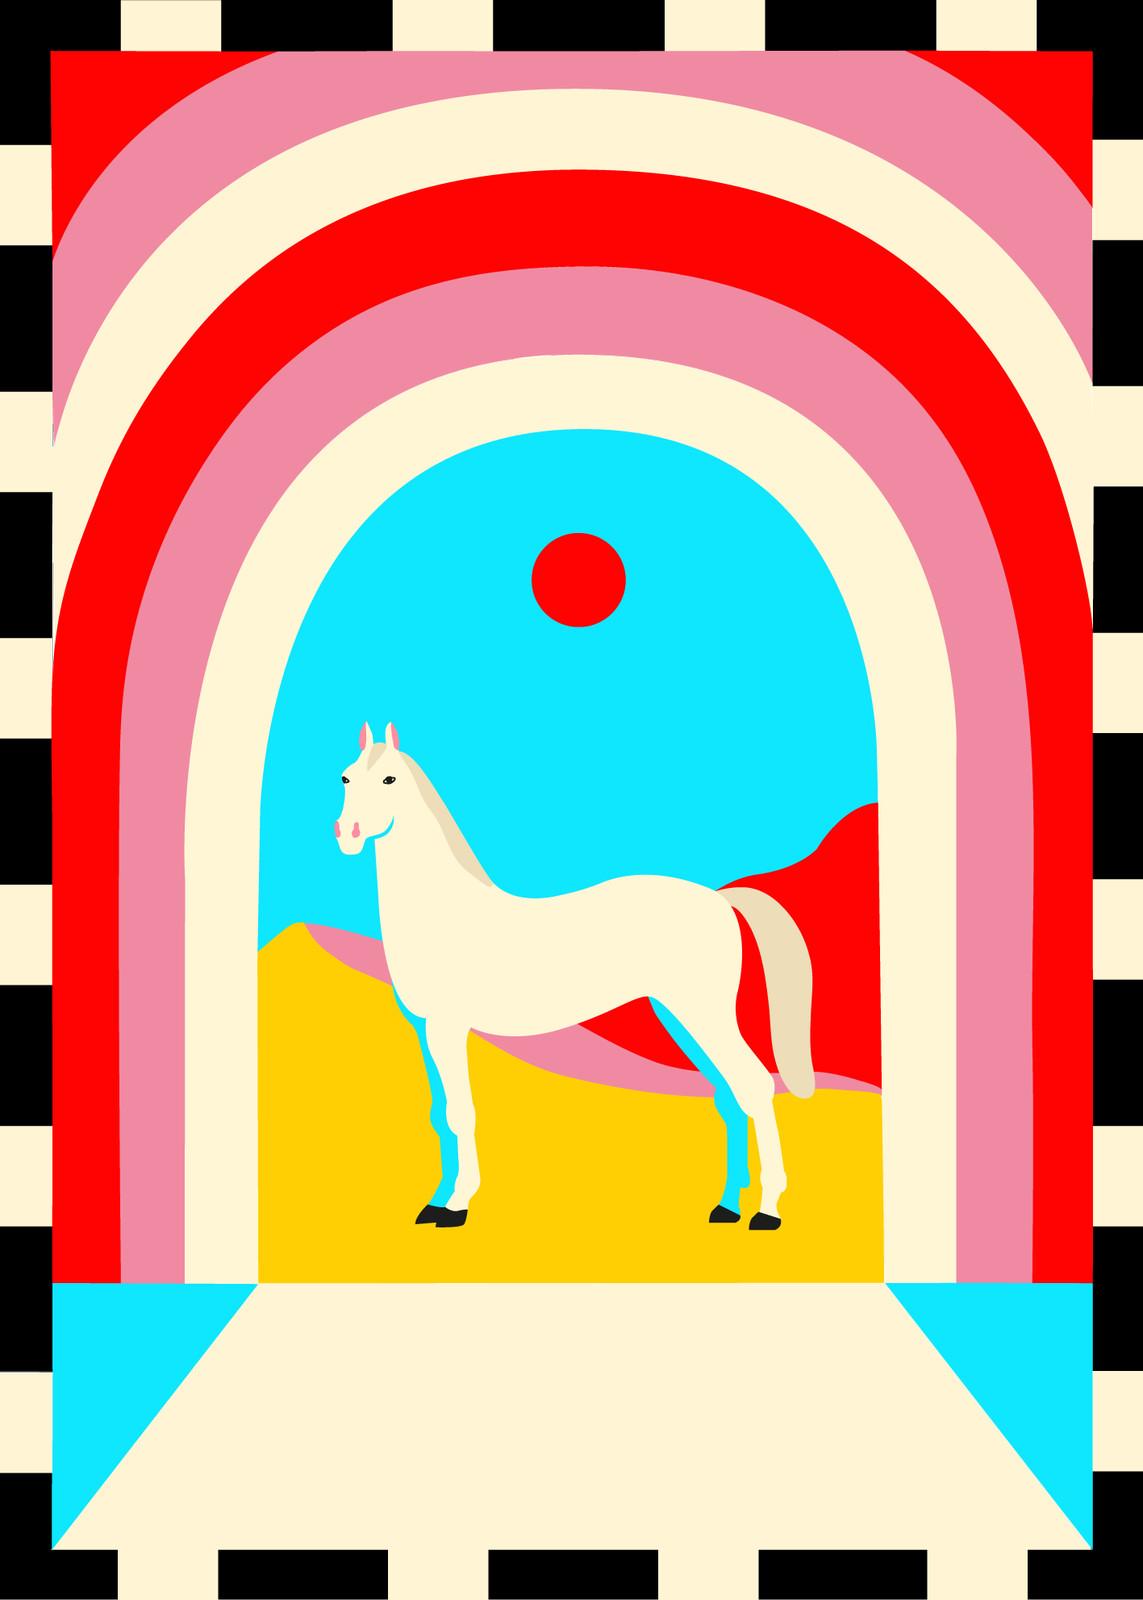 fallani venezia Michela PIcchi Spazi Beyond Spaces 2020 serigrafia su carta Fedrigroni 300 gr 70x50 cm